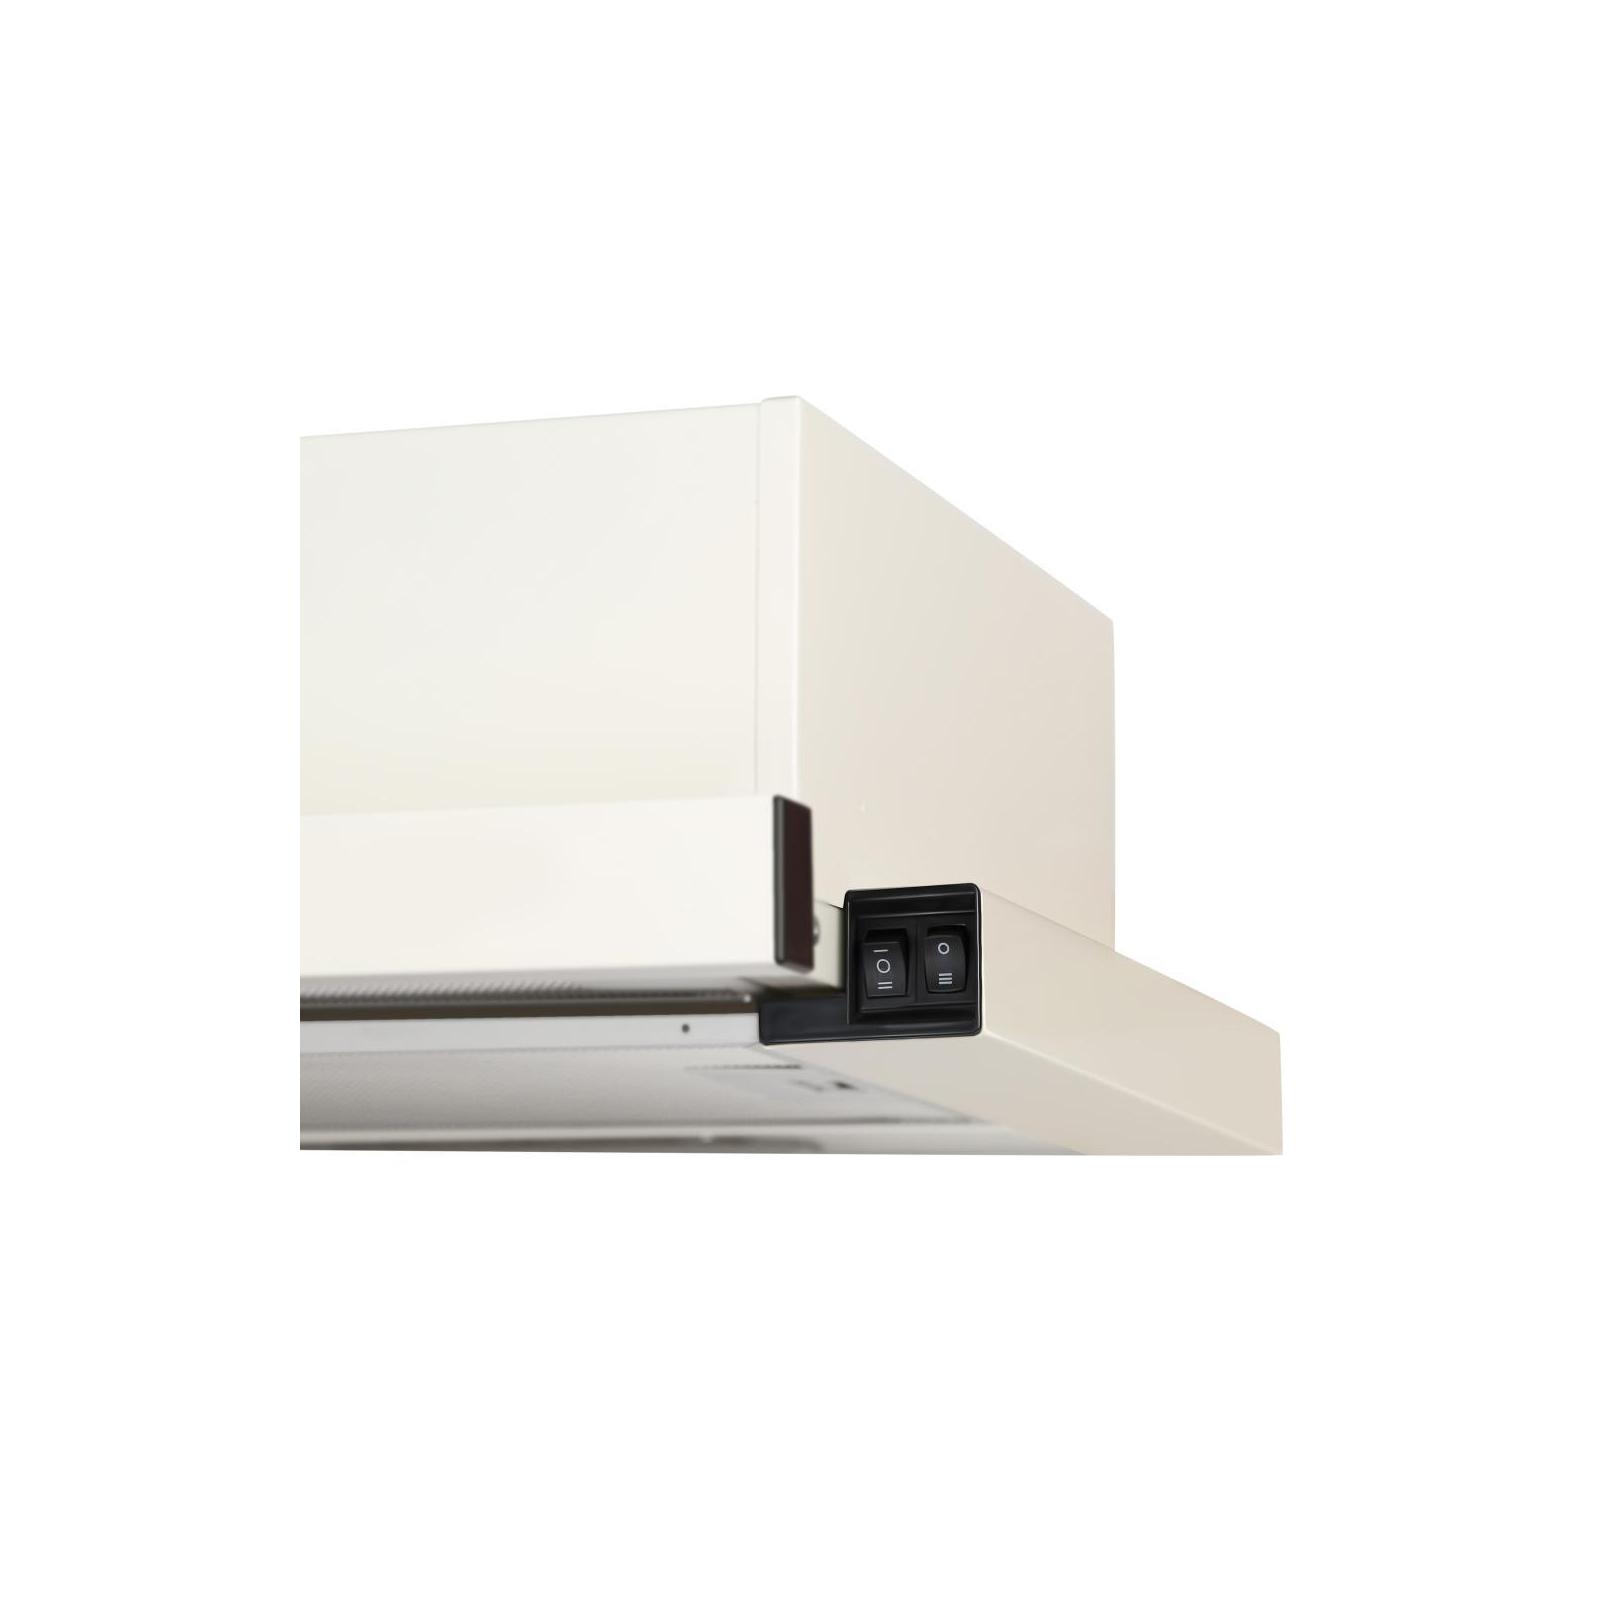 Вытяжка кухонная MINOLA HTL 6110 IV 630 изображение 4